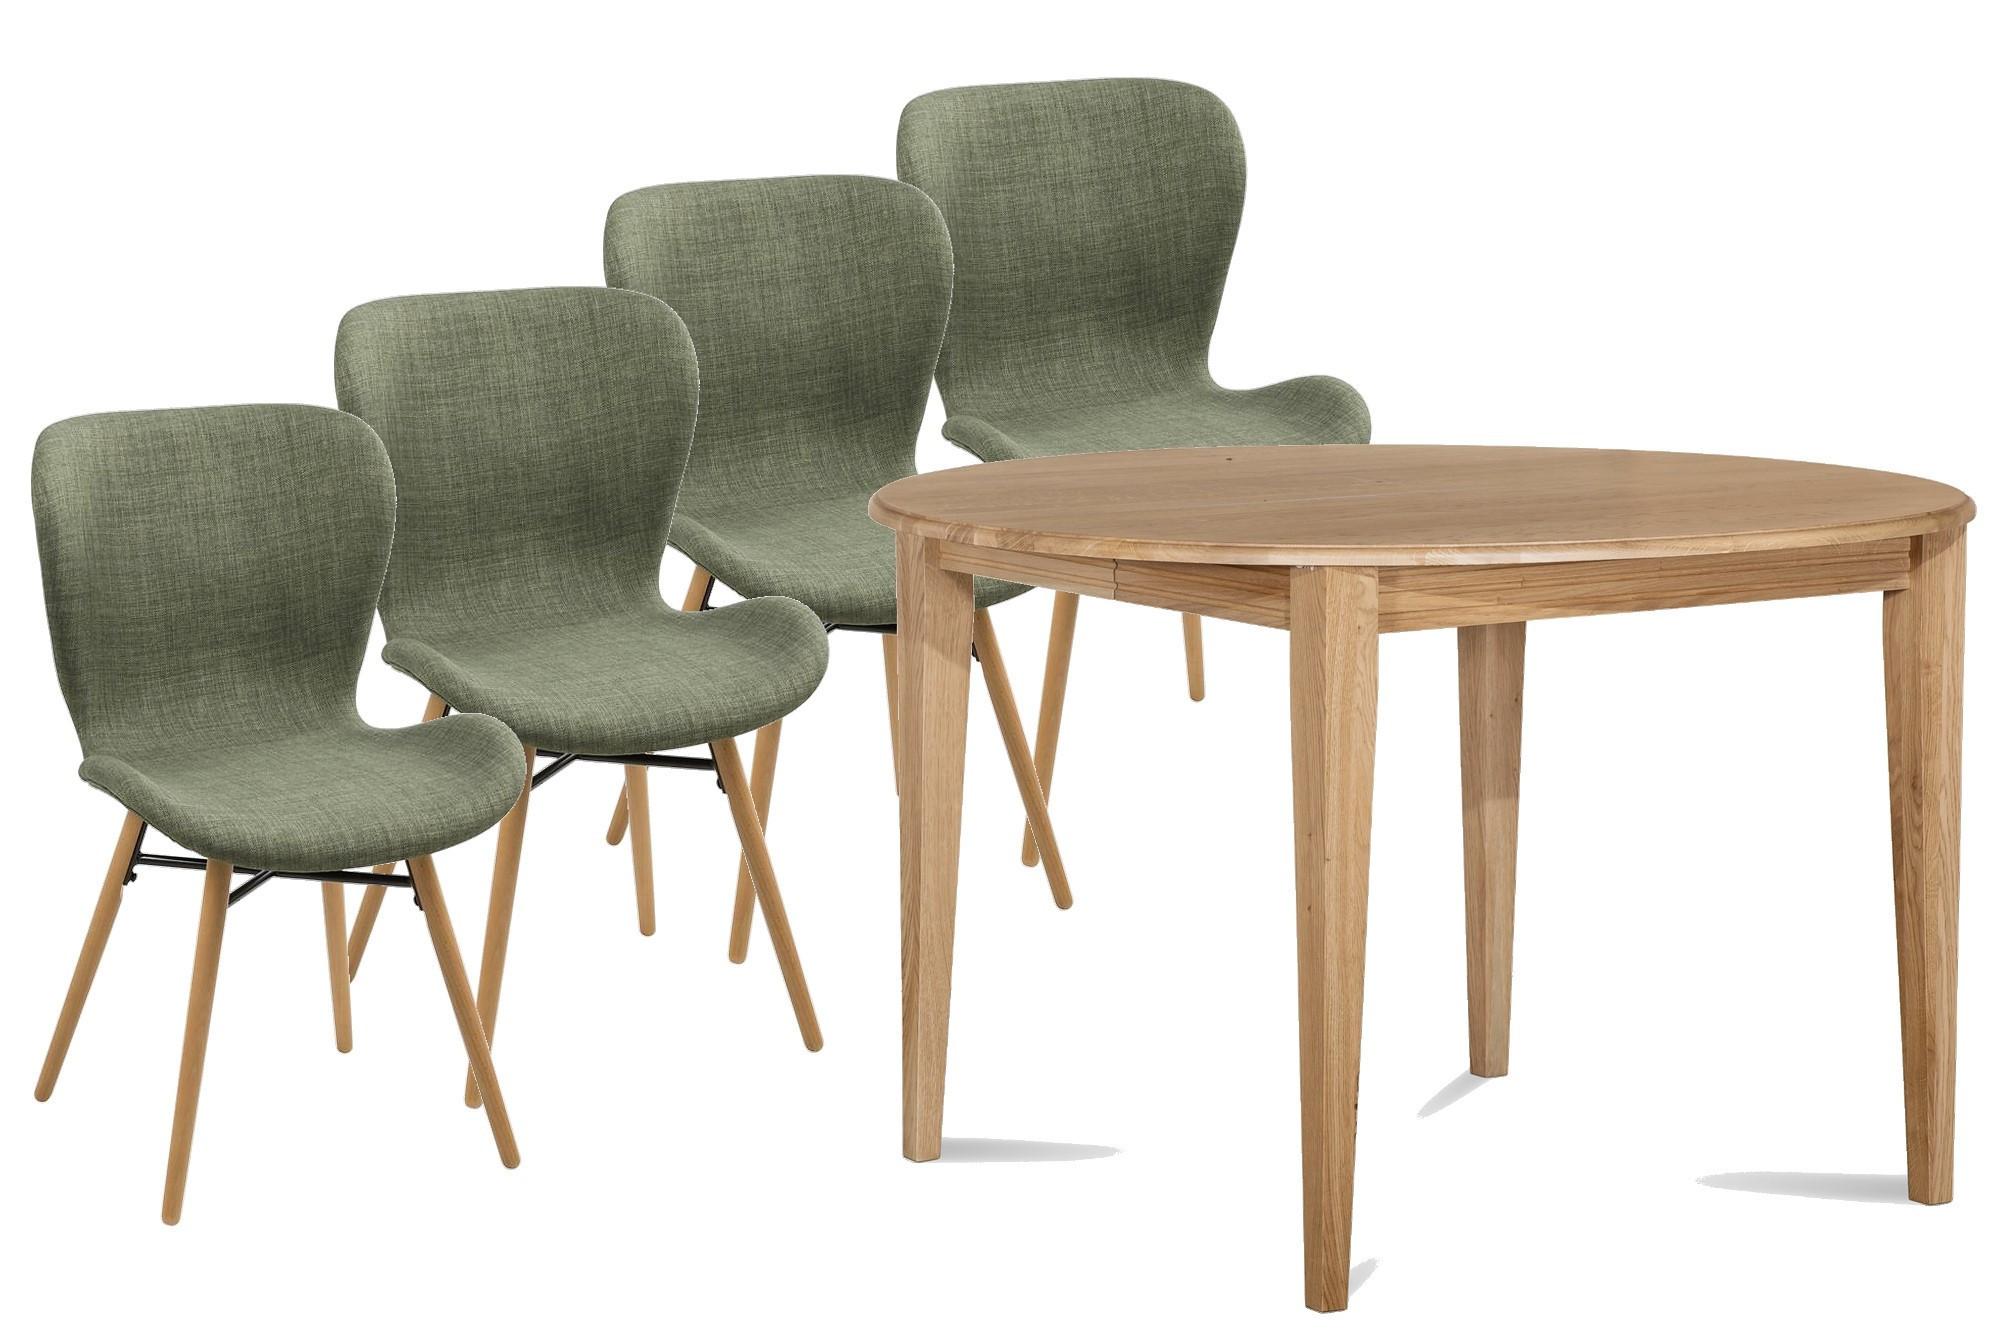 Table Ronde Et Chaises.Ensemble Table Ronde Extensible Avec 4 Chaises Matilda Hellin